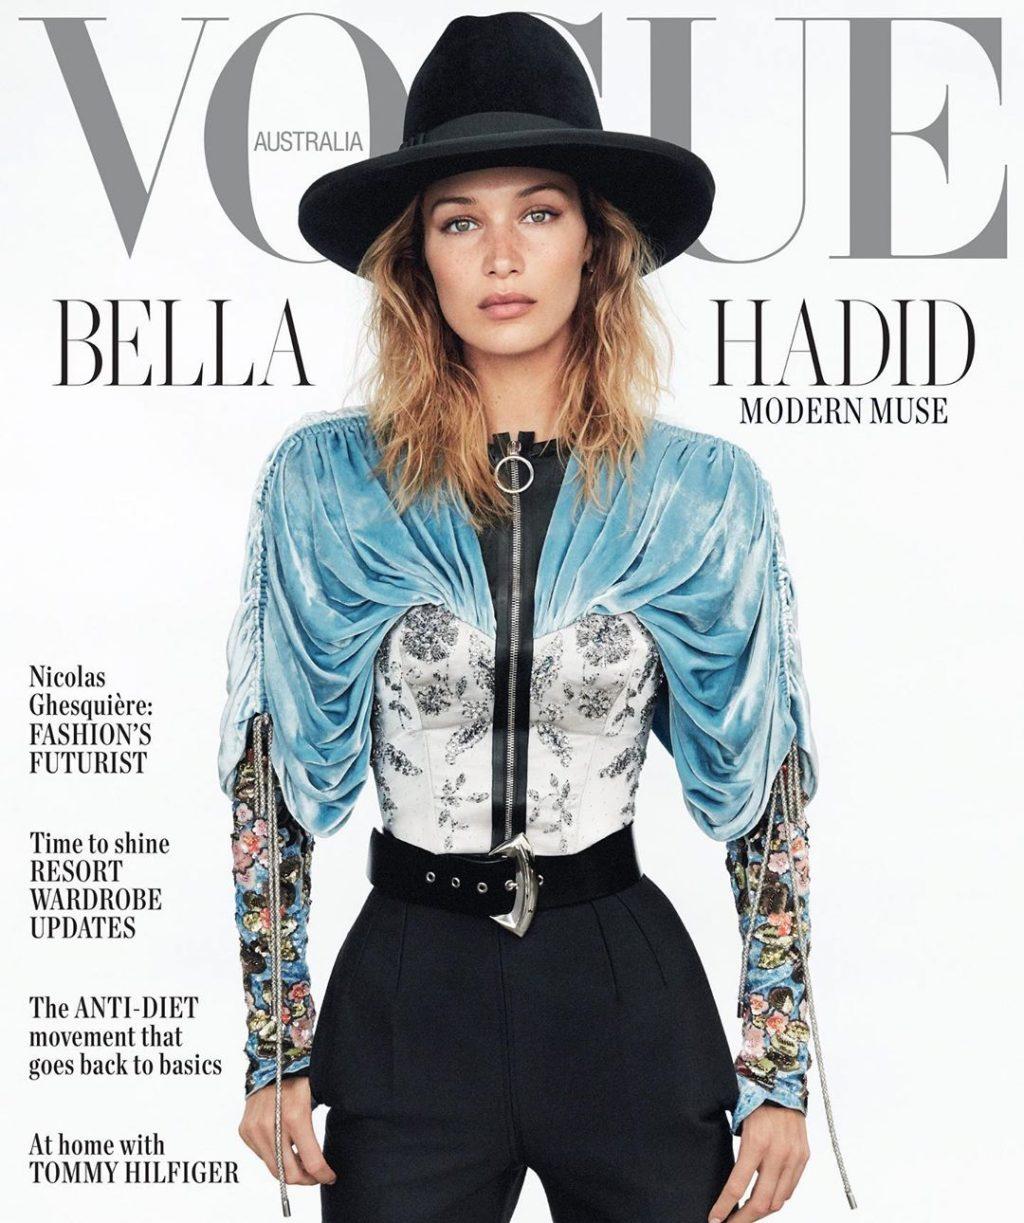 Bella Hadid Sexy Thefappeningblog Com 0 1024x1223